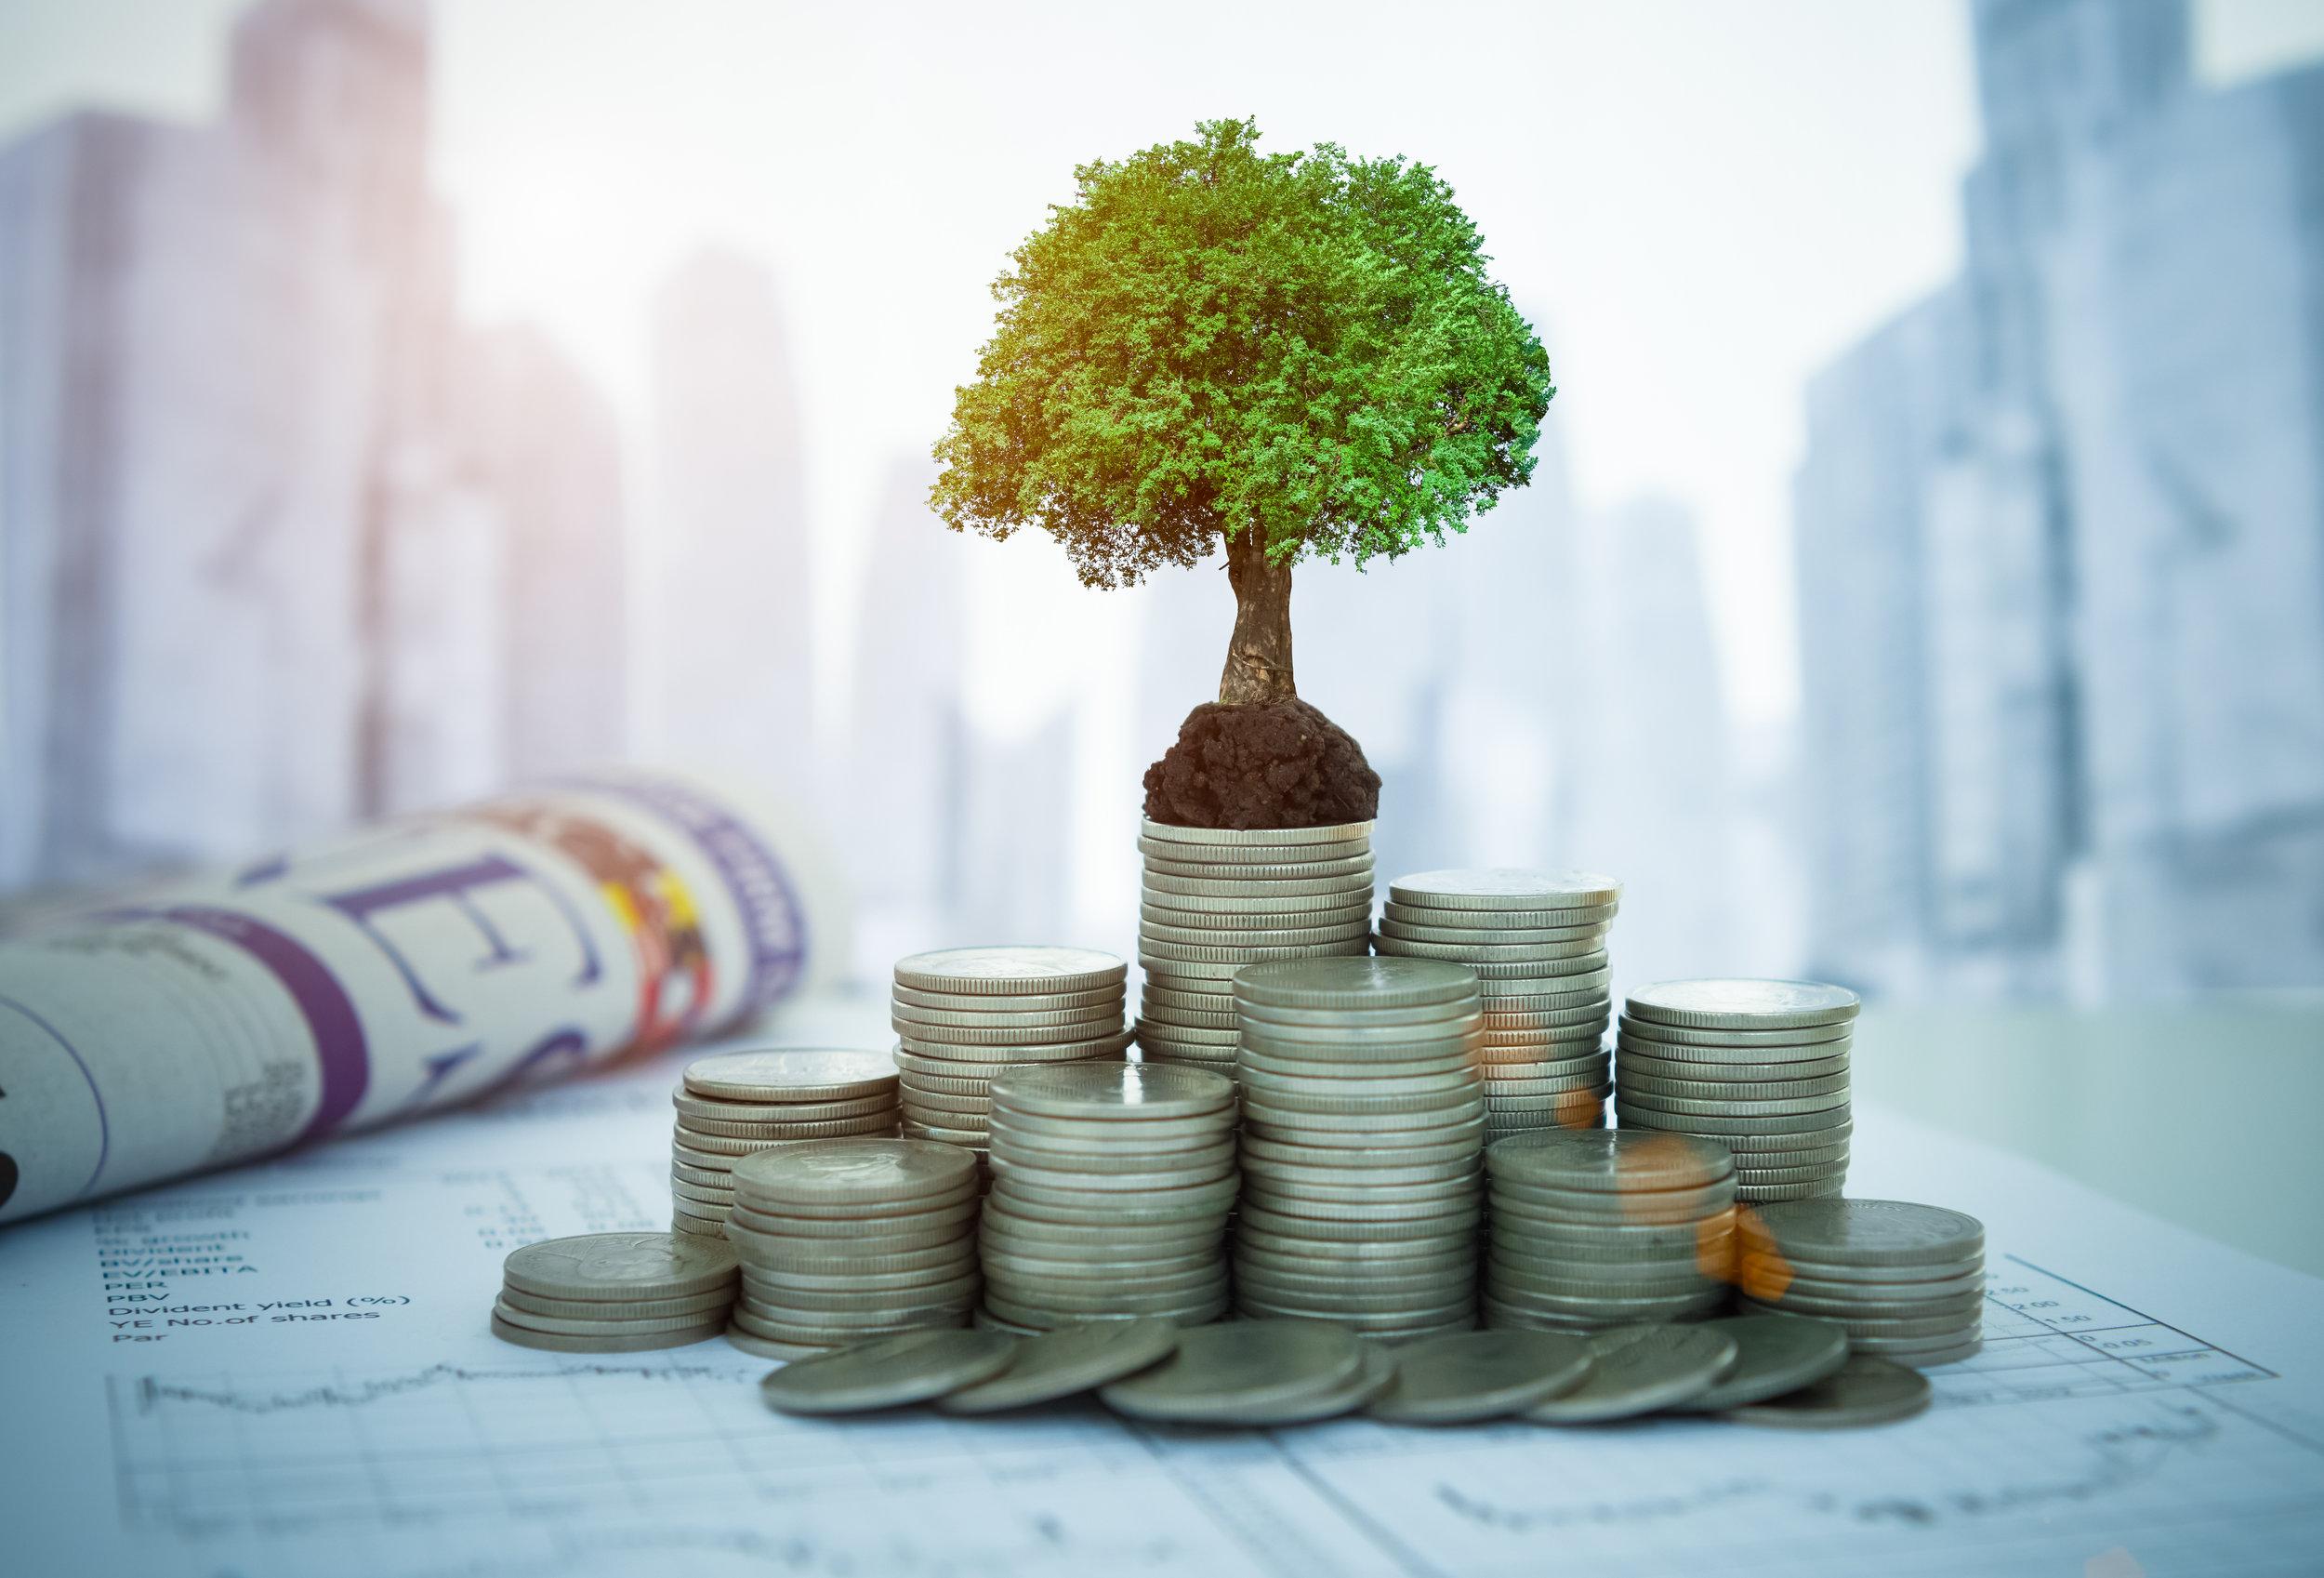 Refinance Lower Mortgage Payment Cash Back Refinance Non QM Subprime